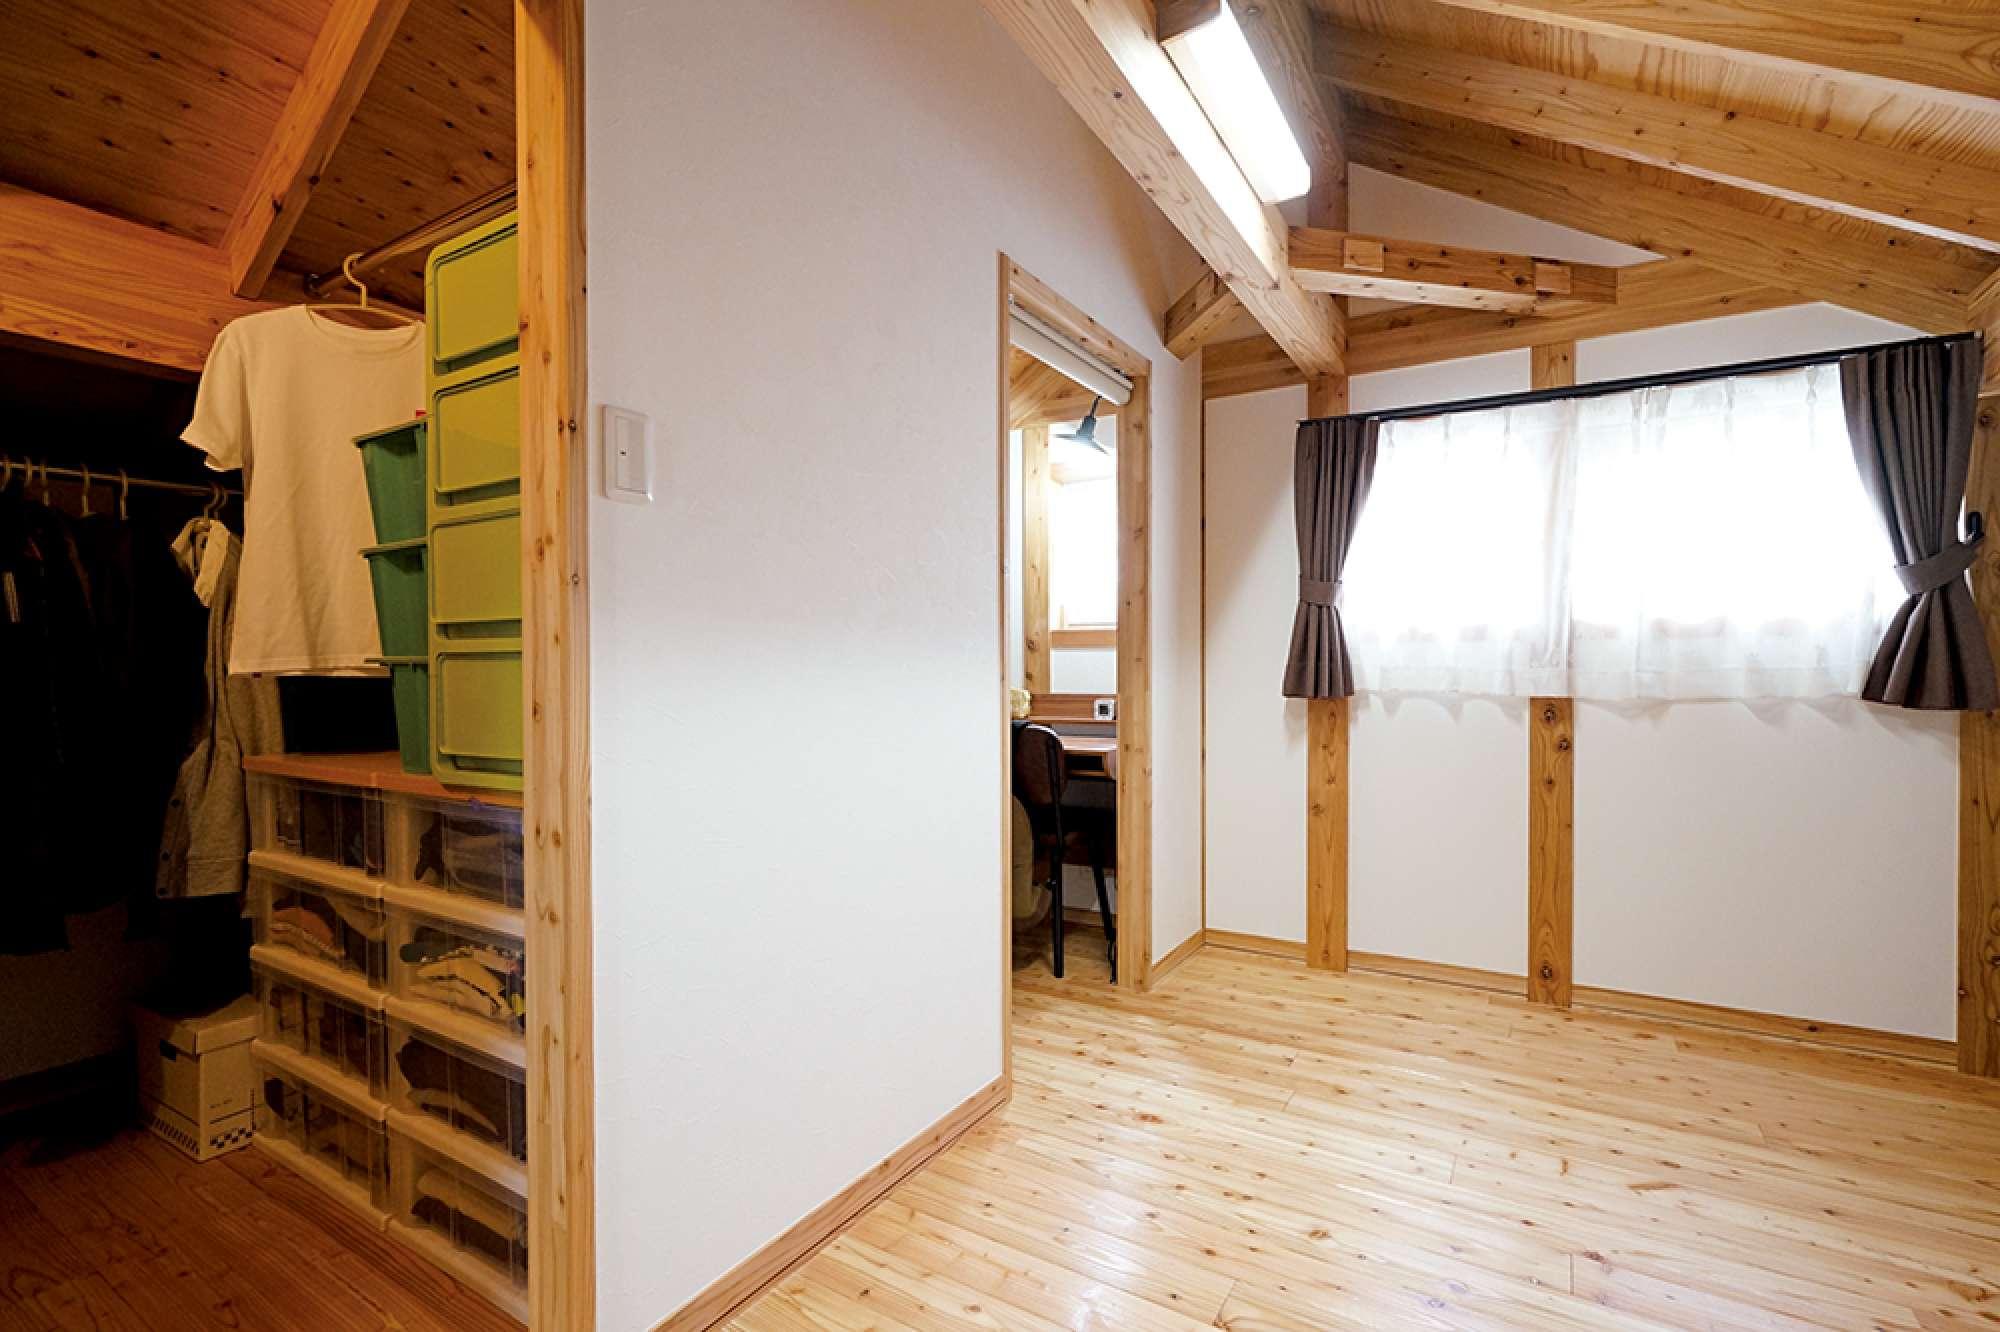 2階の寝室。手前はウォークインクロゼット、窓側は奥様の書斎 -  -  -